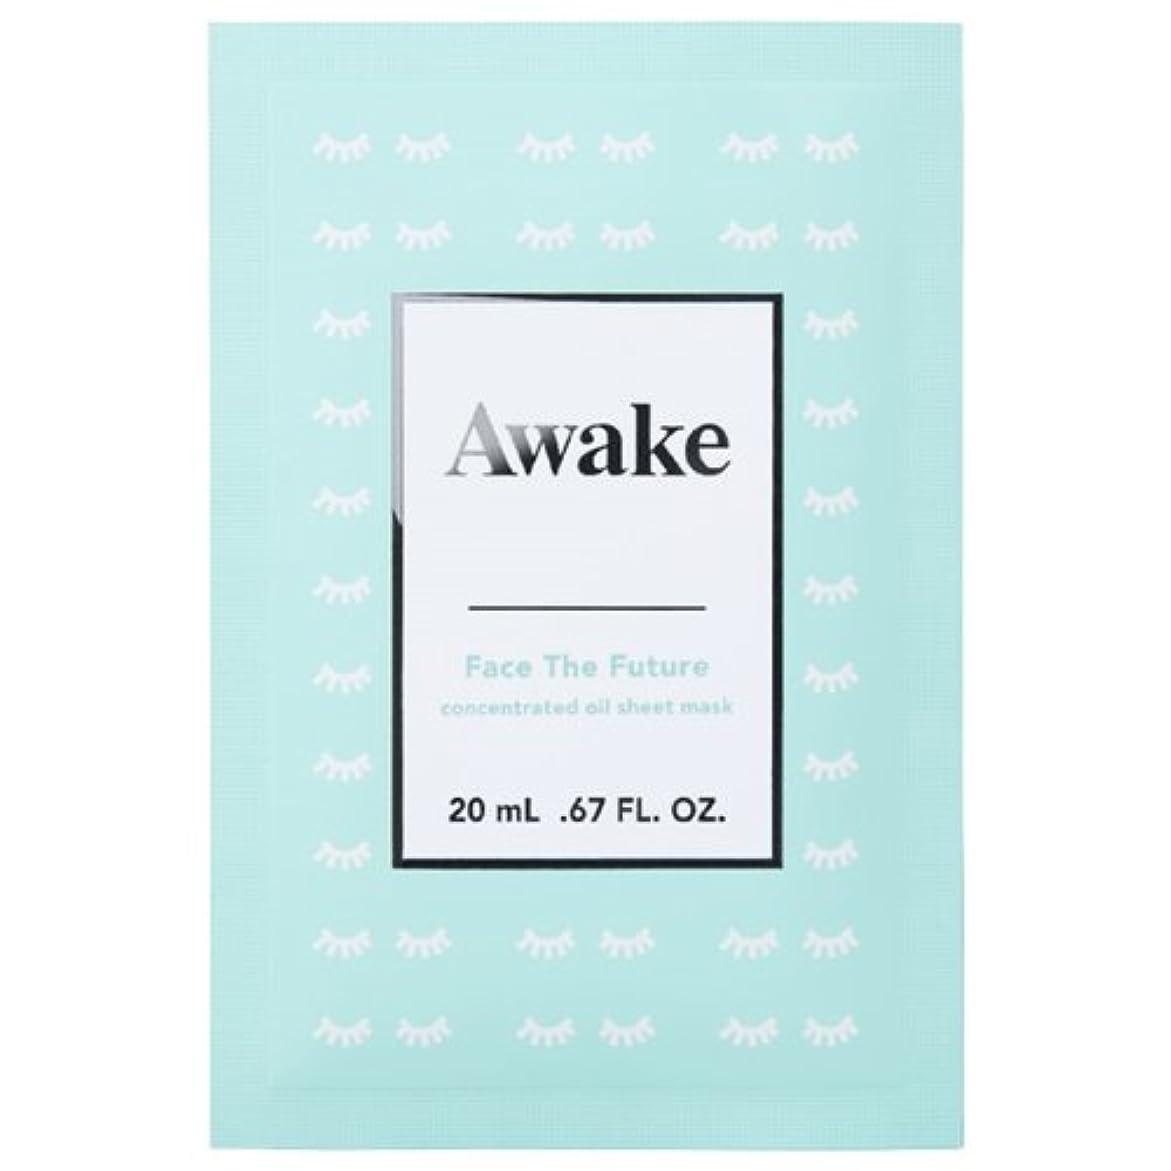 肉のタイプ挨拶アウェイク(AWAKE) Awake(アウェイク) フェイスザフューチャー コンセントレイティッド オイルシートマスク (20mL × 6枚入)